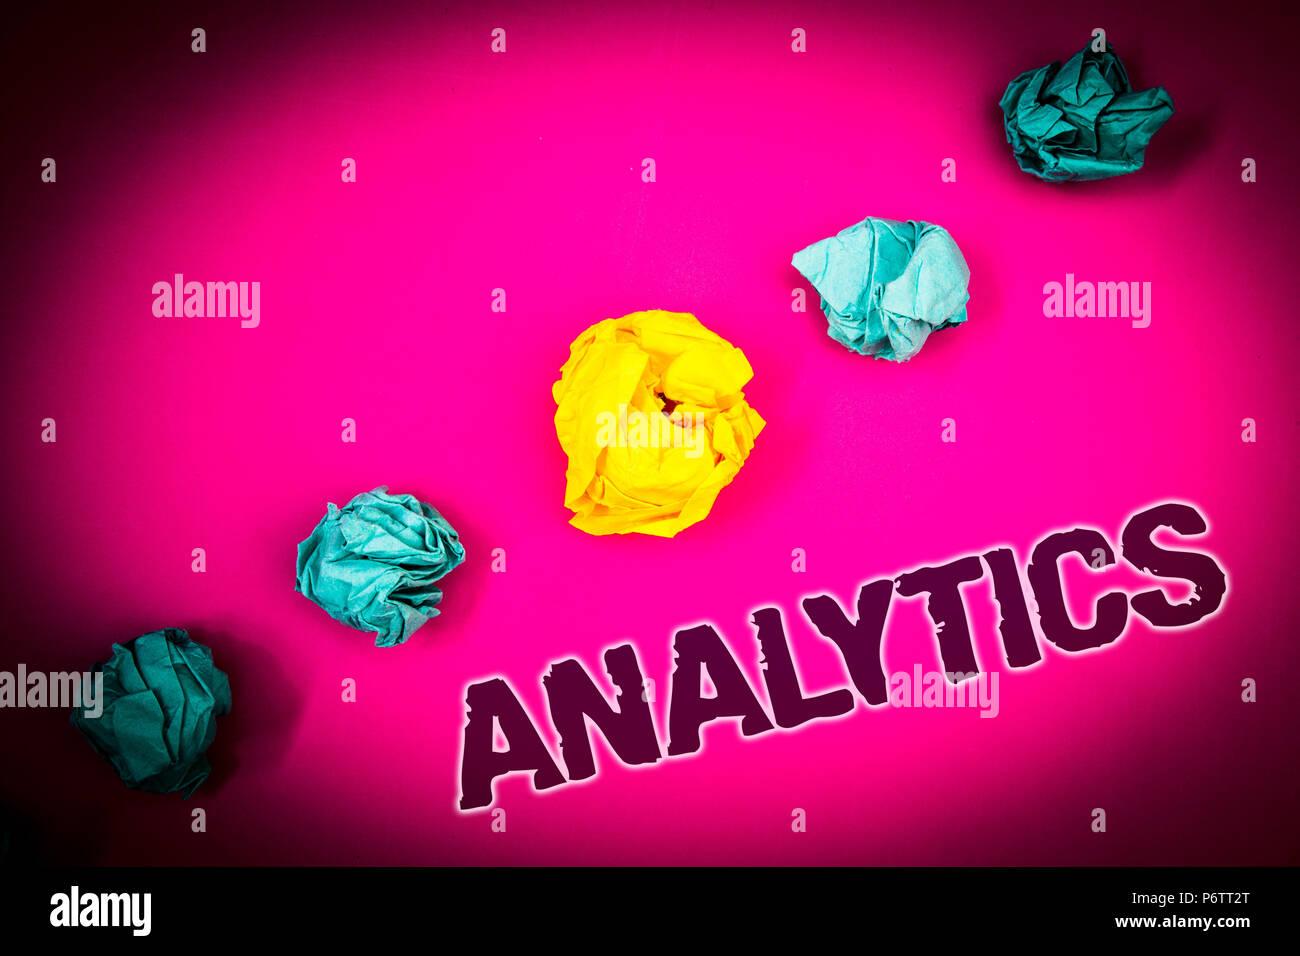 Segno di testo che mostra l'analisi. Foto concettuale di analisi dei dati Informazioni finanziarie rapporto Statistiche sulle idee del cruscotto concetto sfondo rosa accartocciata p Immagini Stock